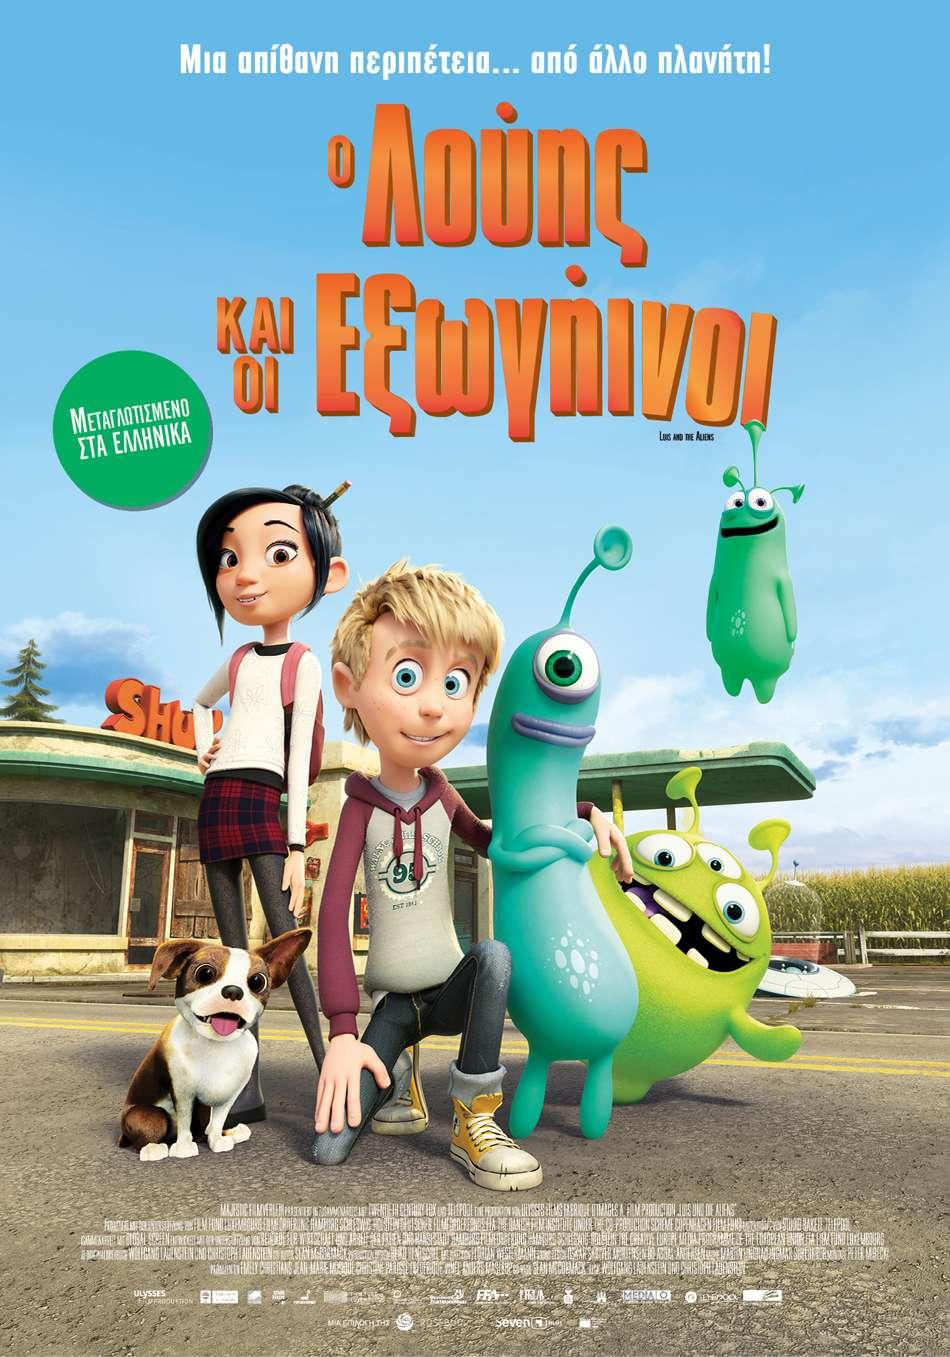 Ο Λούης και οι Εξωγήινοι (Luis and the Aliens) Poster